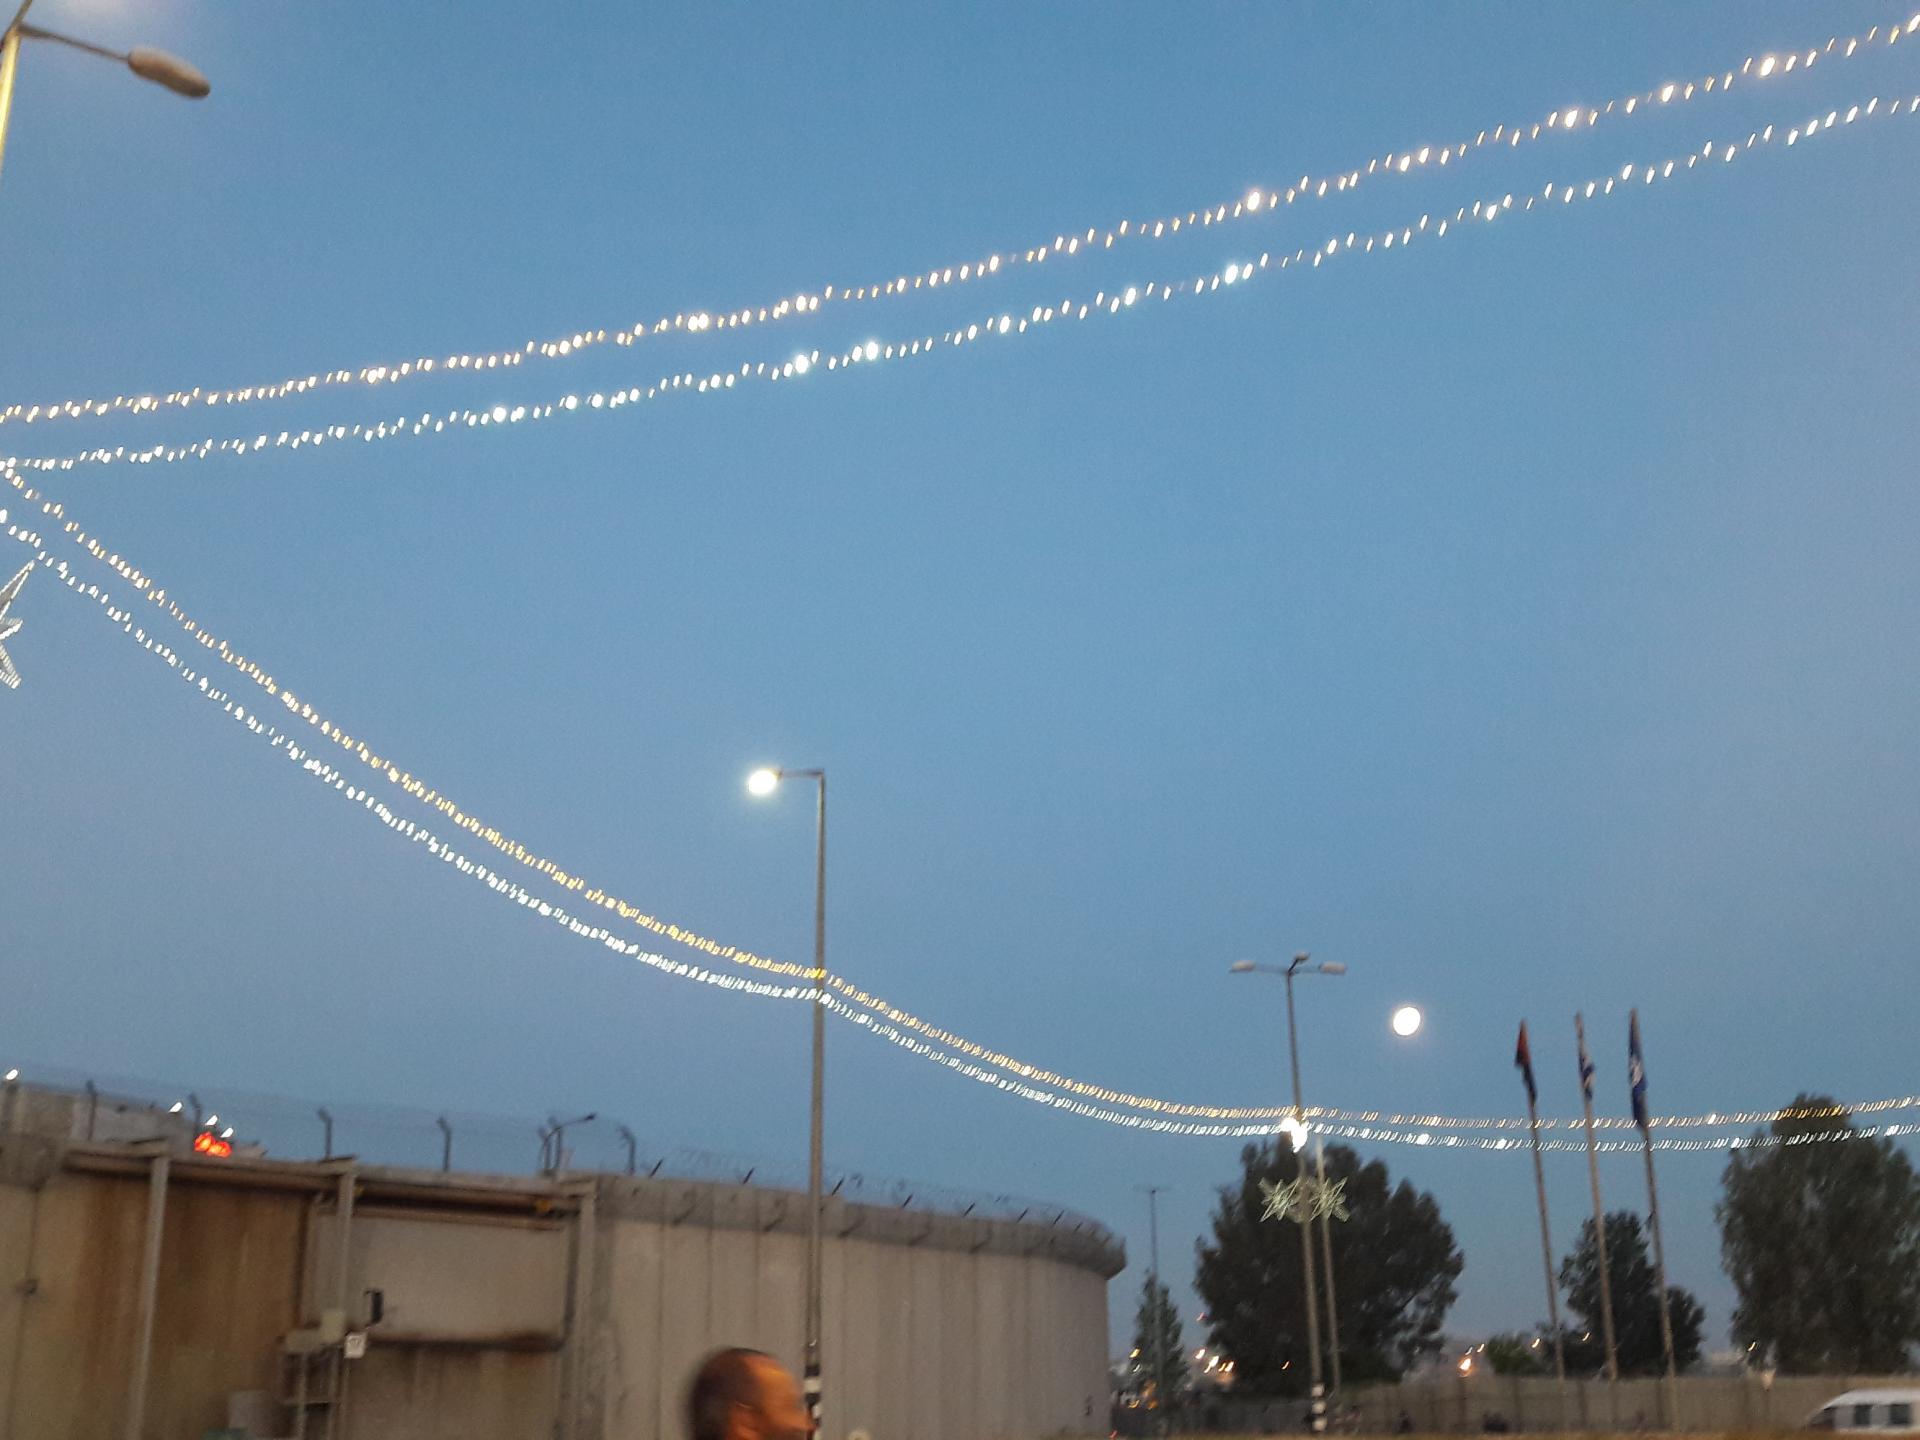 ירח מלא משתלב בתאורה לכבוד הרמדאן